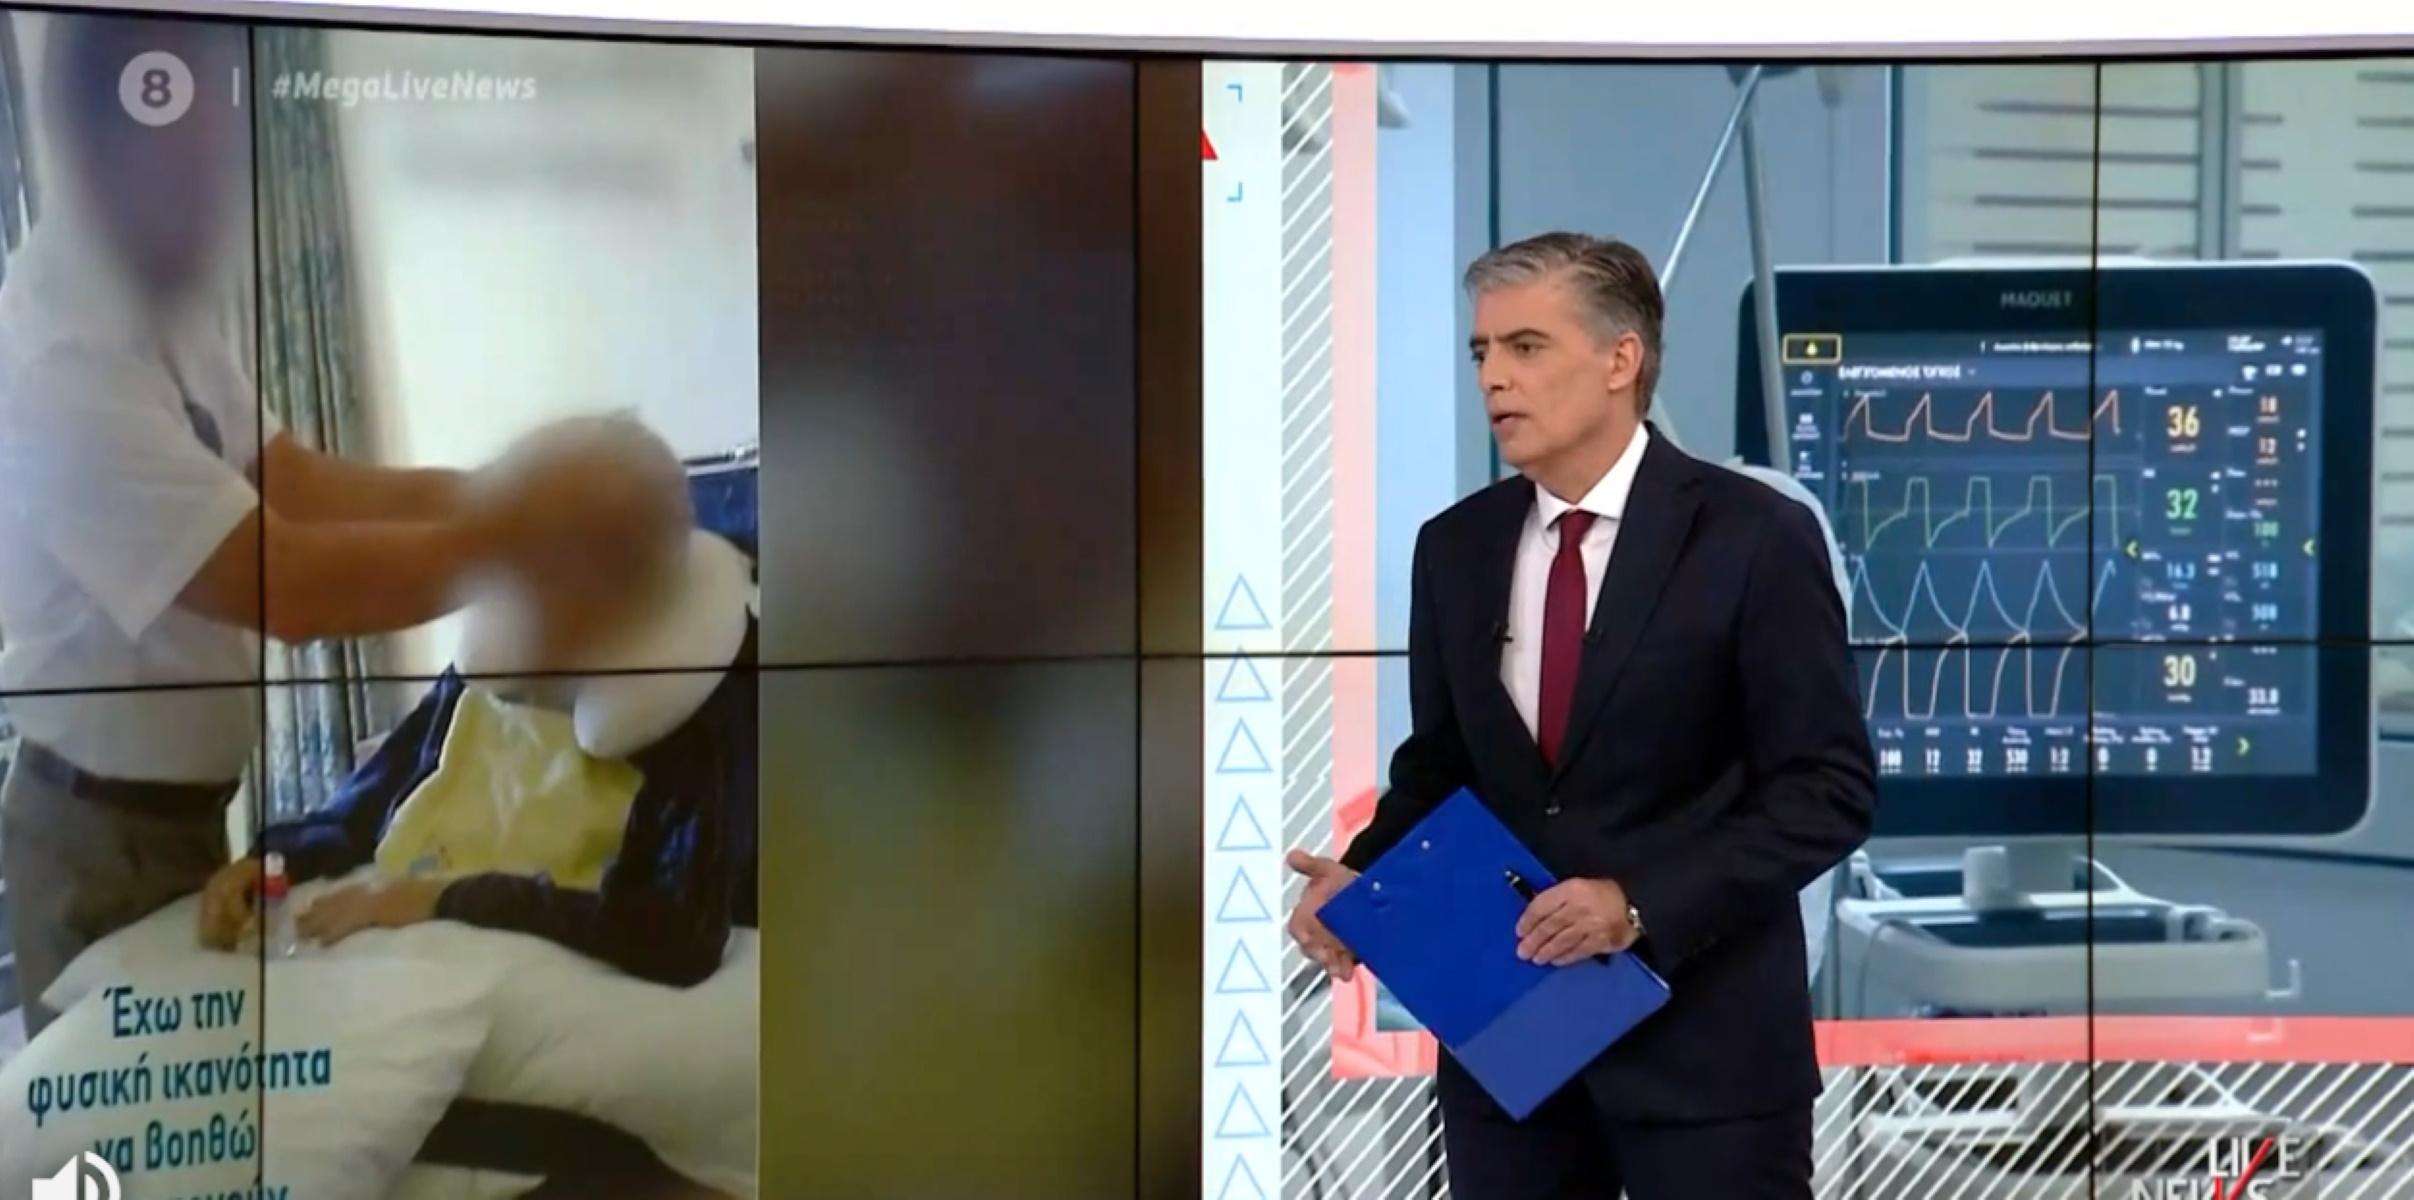 Αποκλειστικό Live News: O «σωτήρας» του facebook που θεραπεύει με ένα άγγιγμα (video)